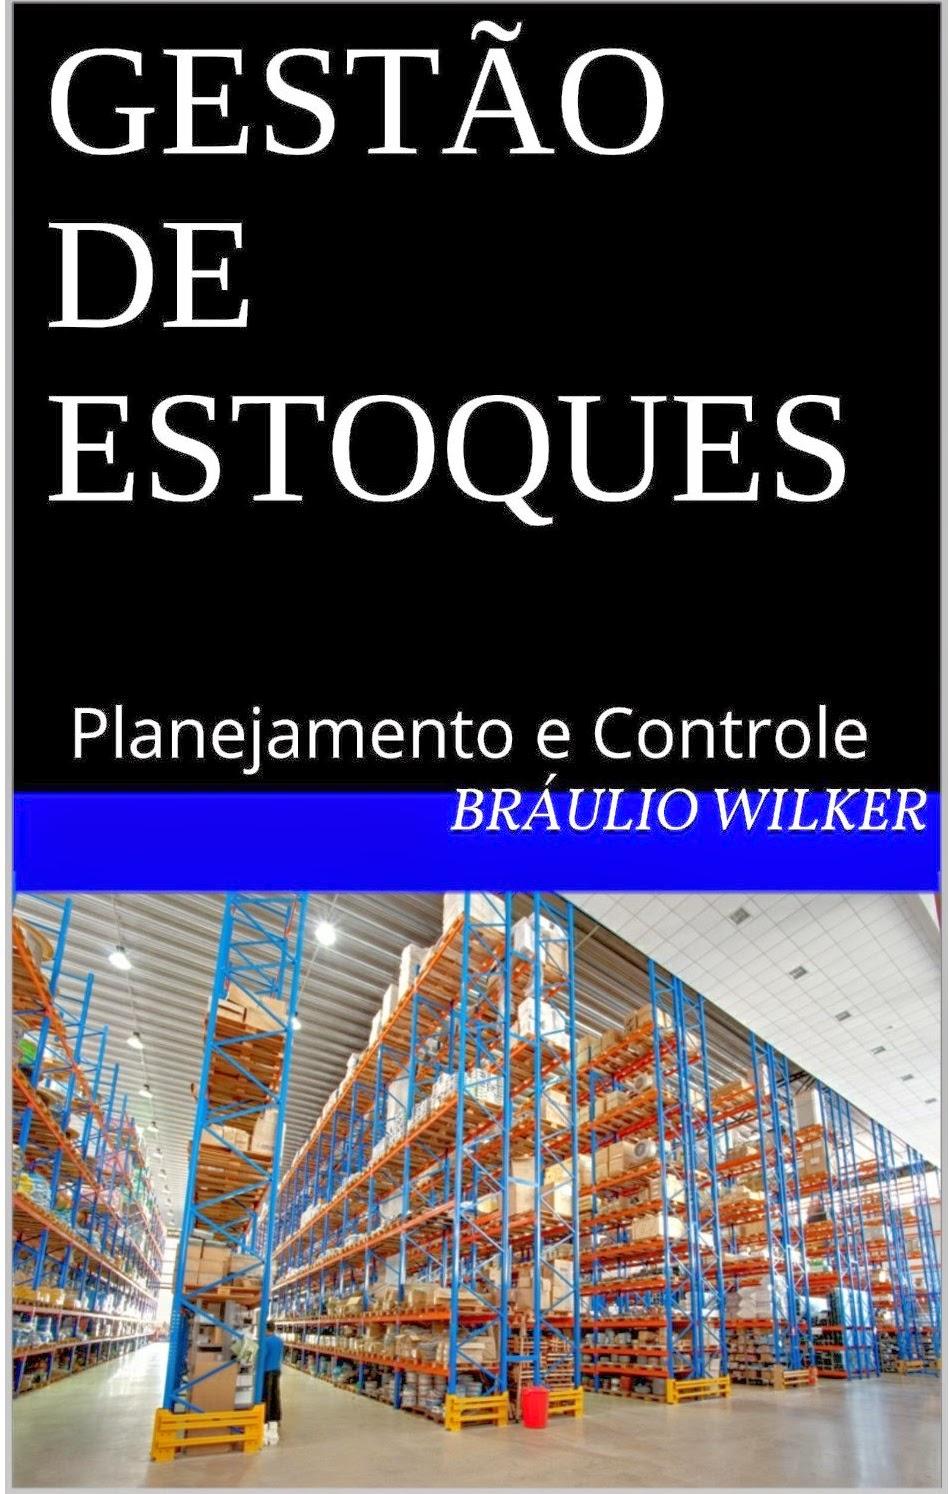 Gestão de Estoques - Planejamento e Controle